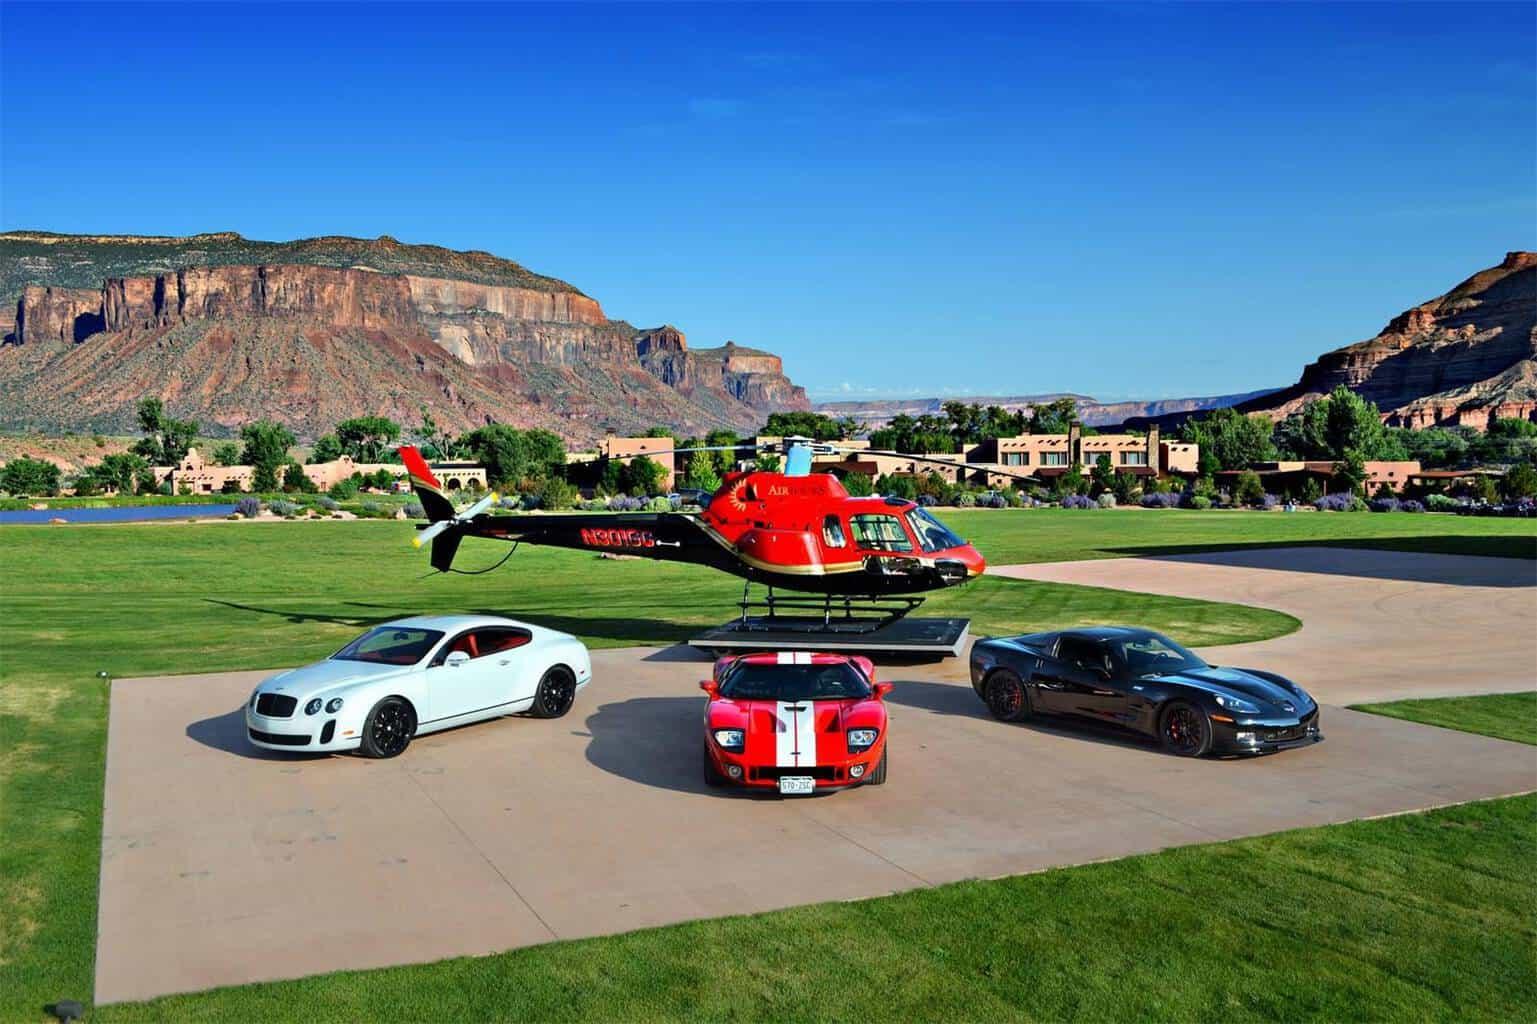 En la exclusiva residencia principal hay 3,500 pies cuadrados de terrazas cubiertas con espectaculares vistas y un helipuerto.